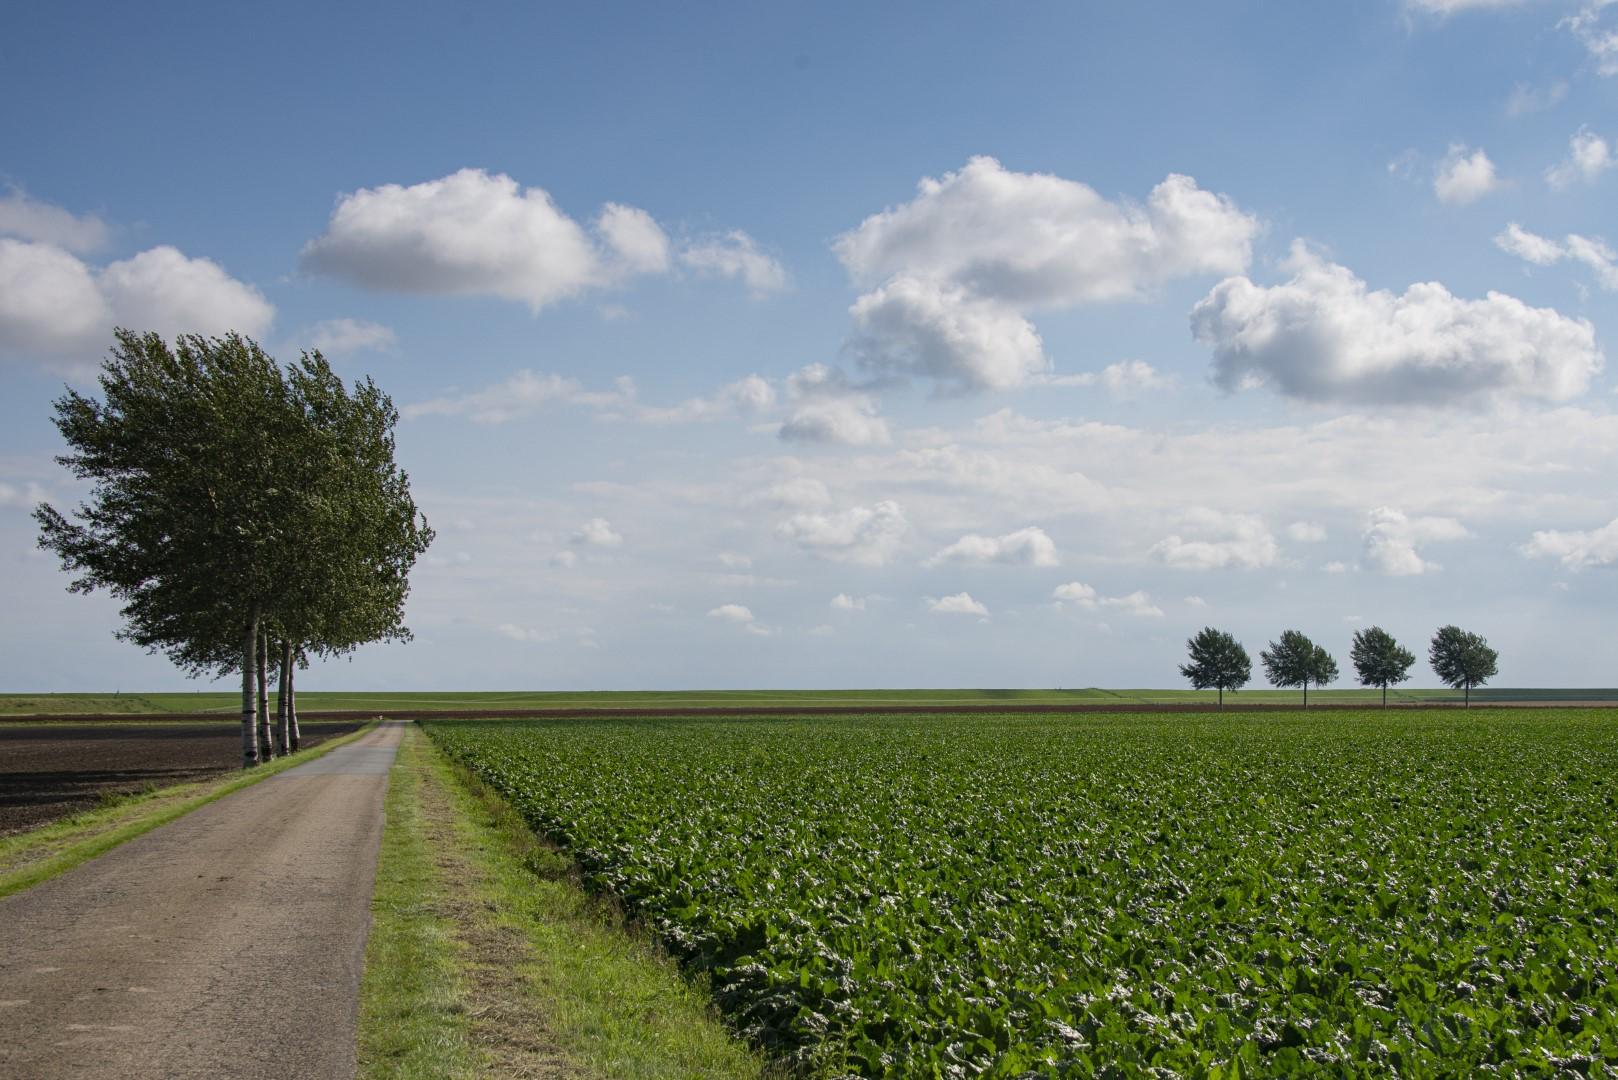 Groninger land